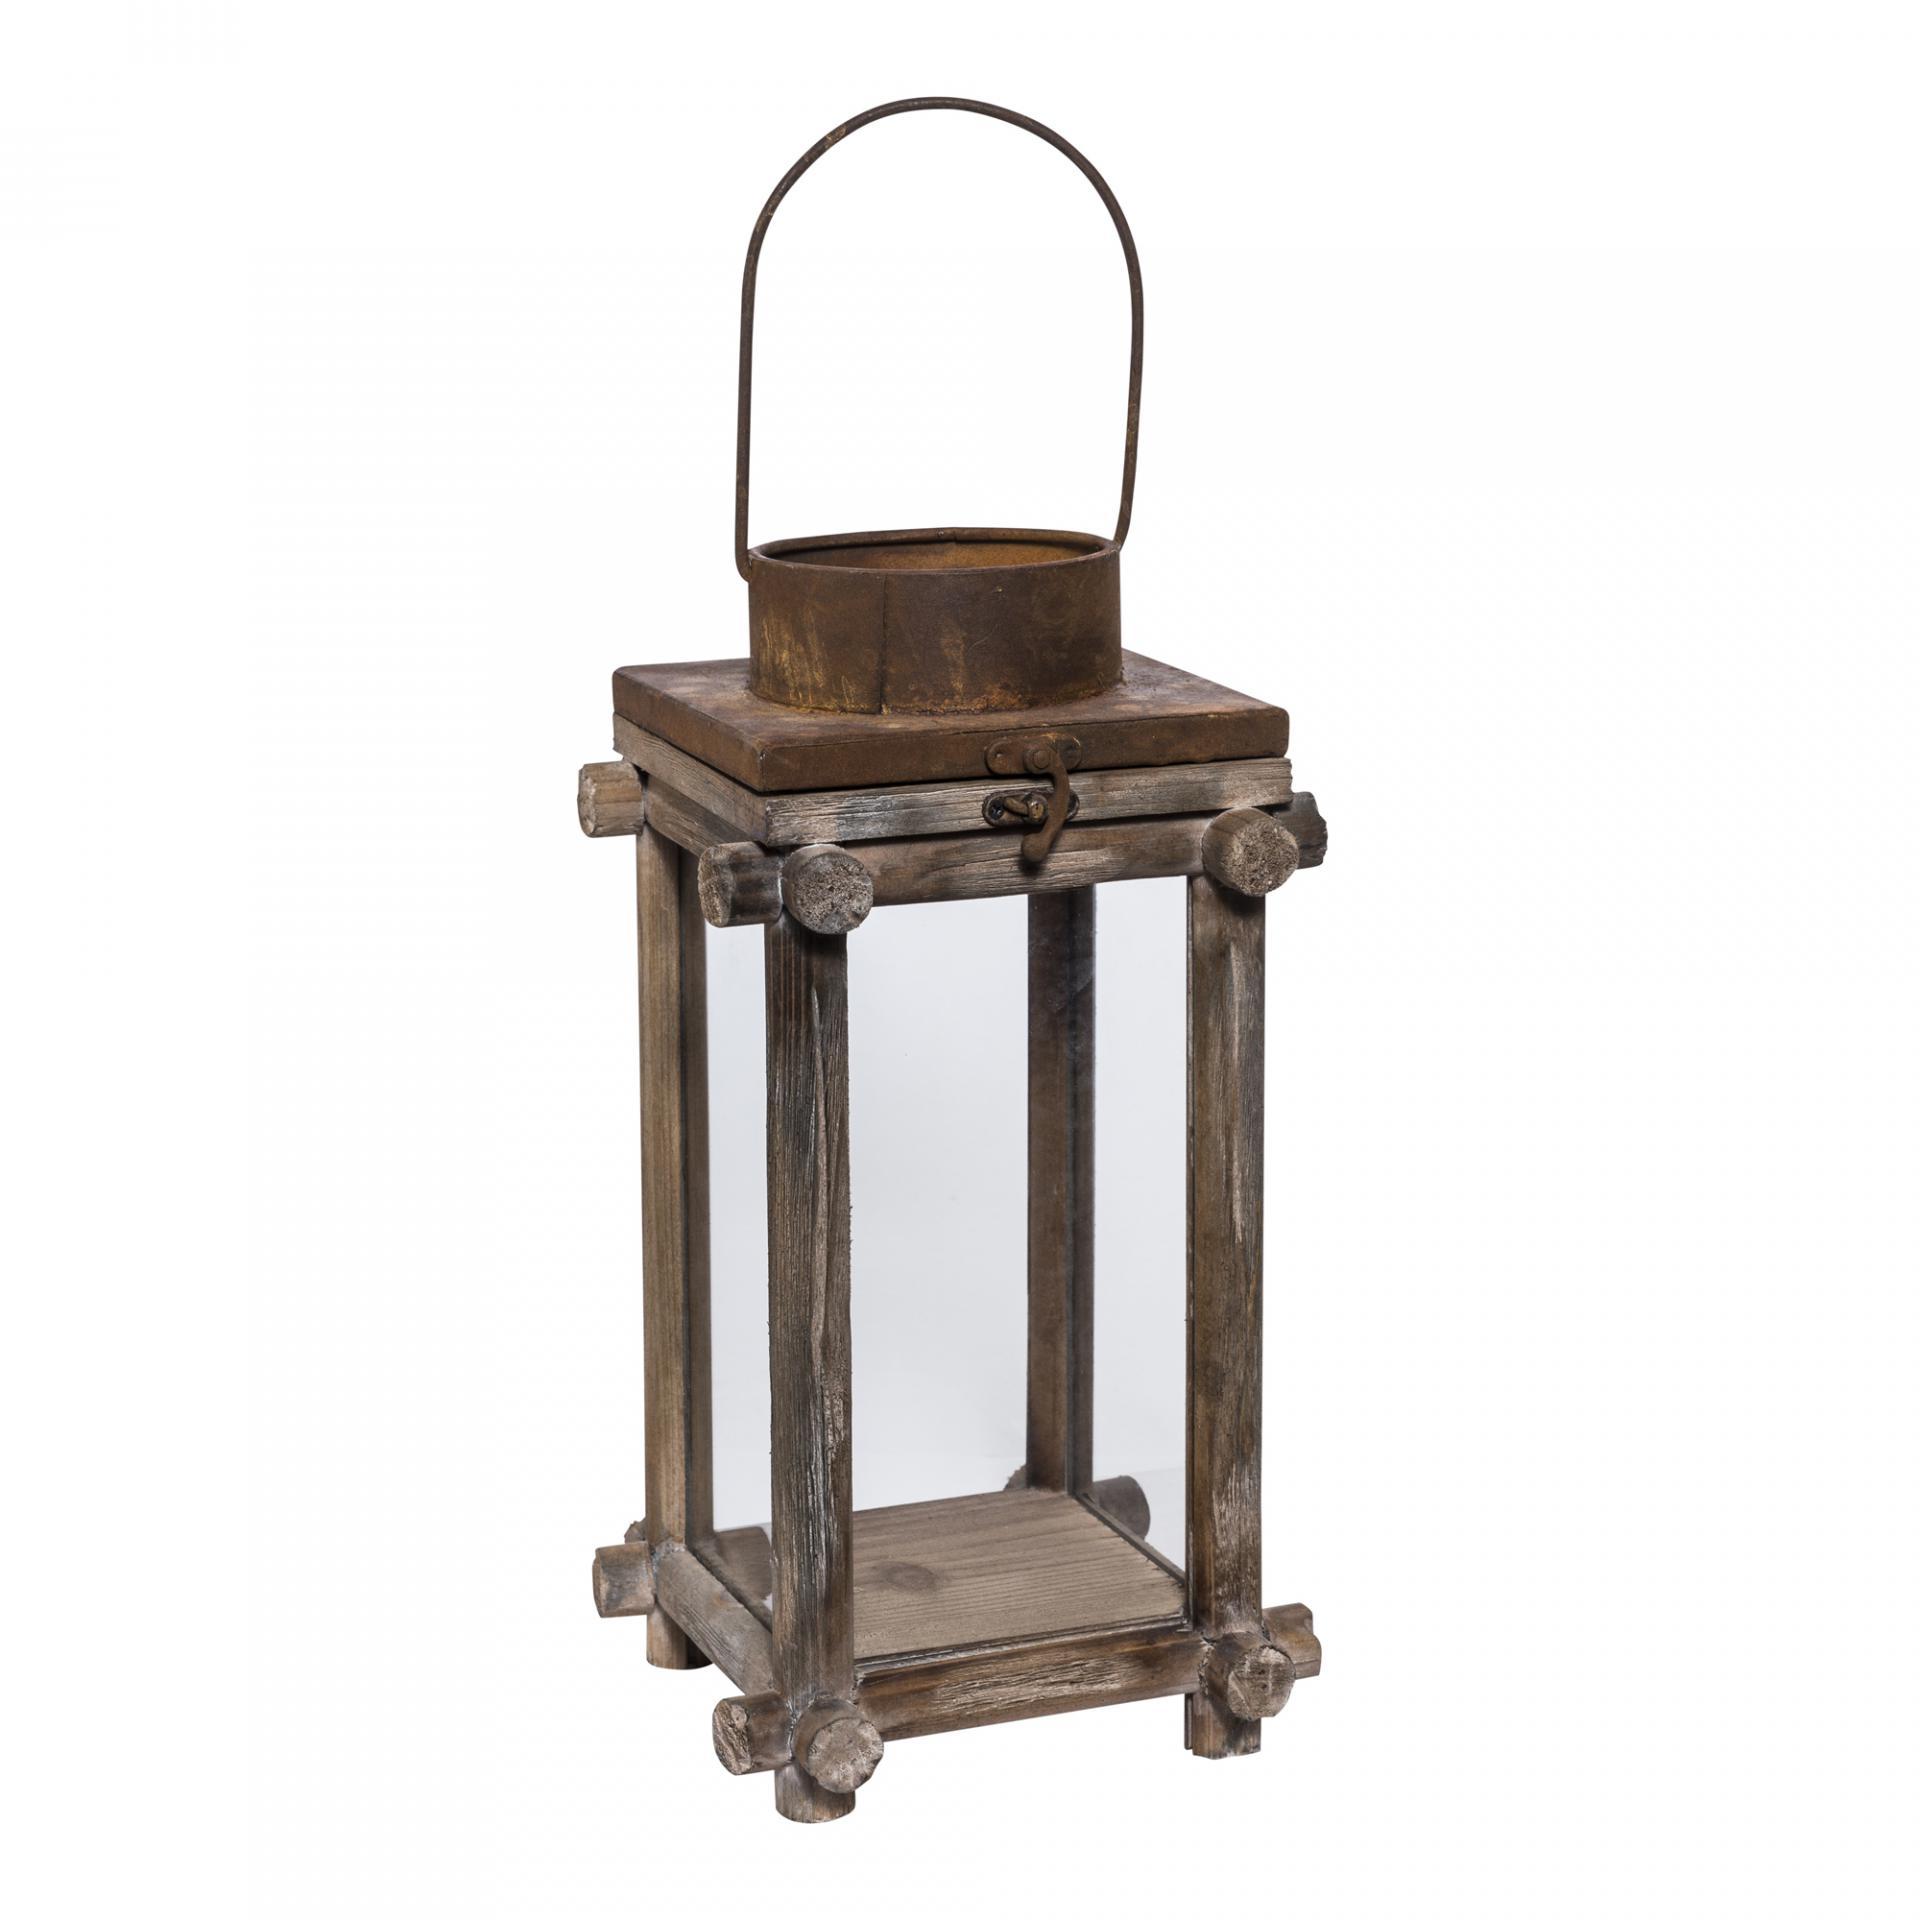 PTMD674328 Sabi hout lantaarn